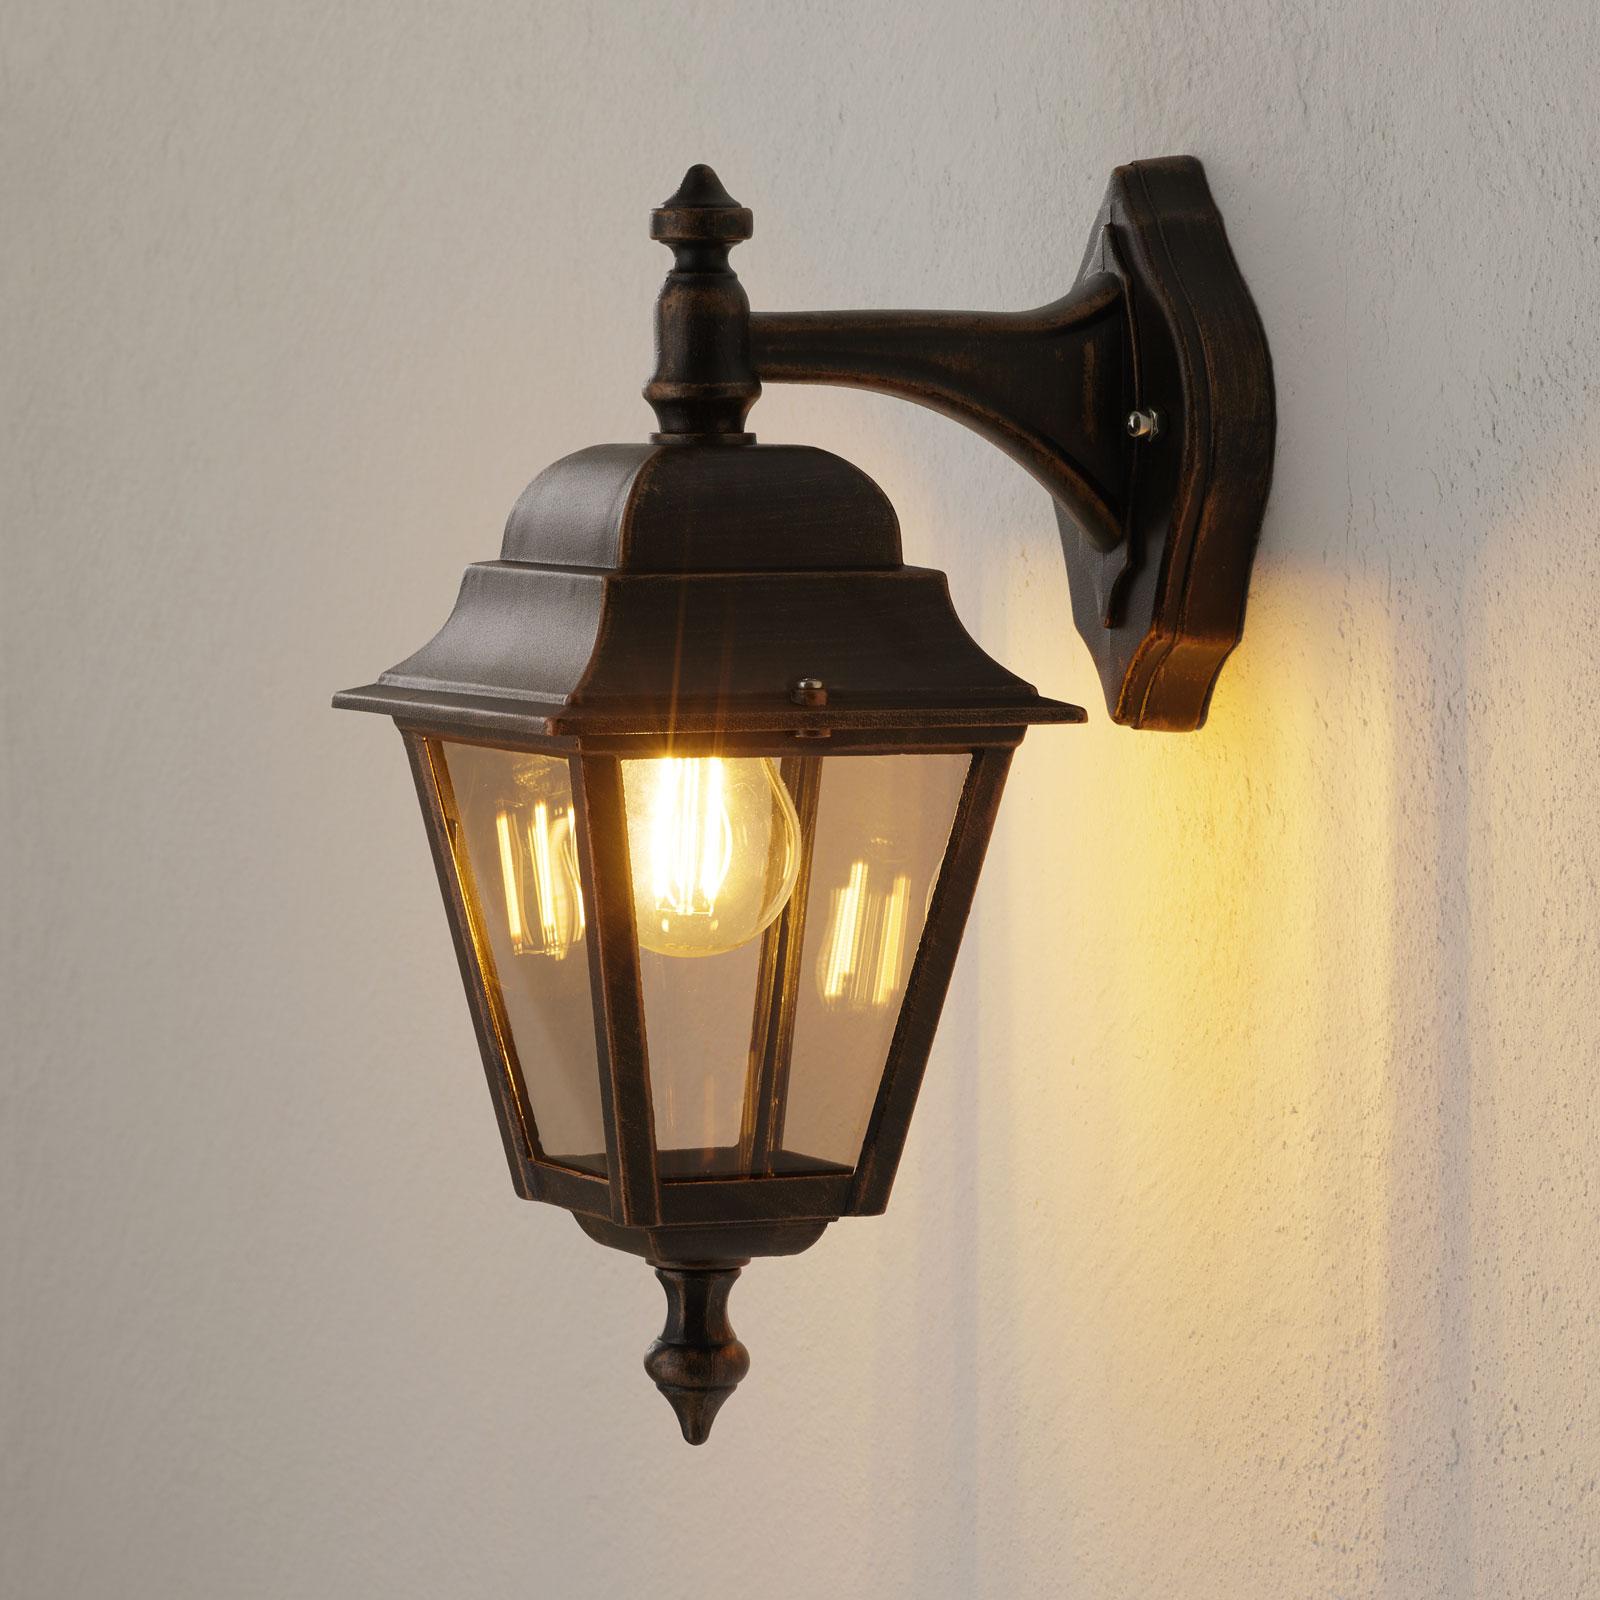 Kobberfarvet udendørslampe Toulouse, ophængt